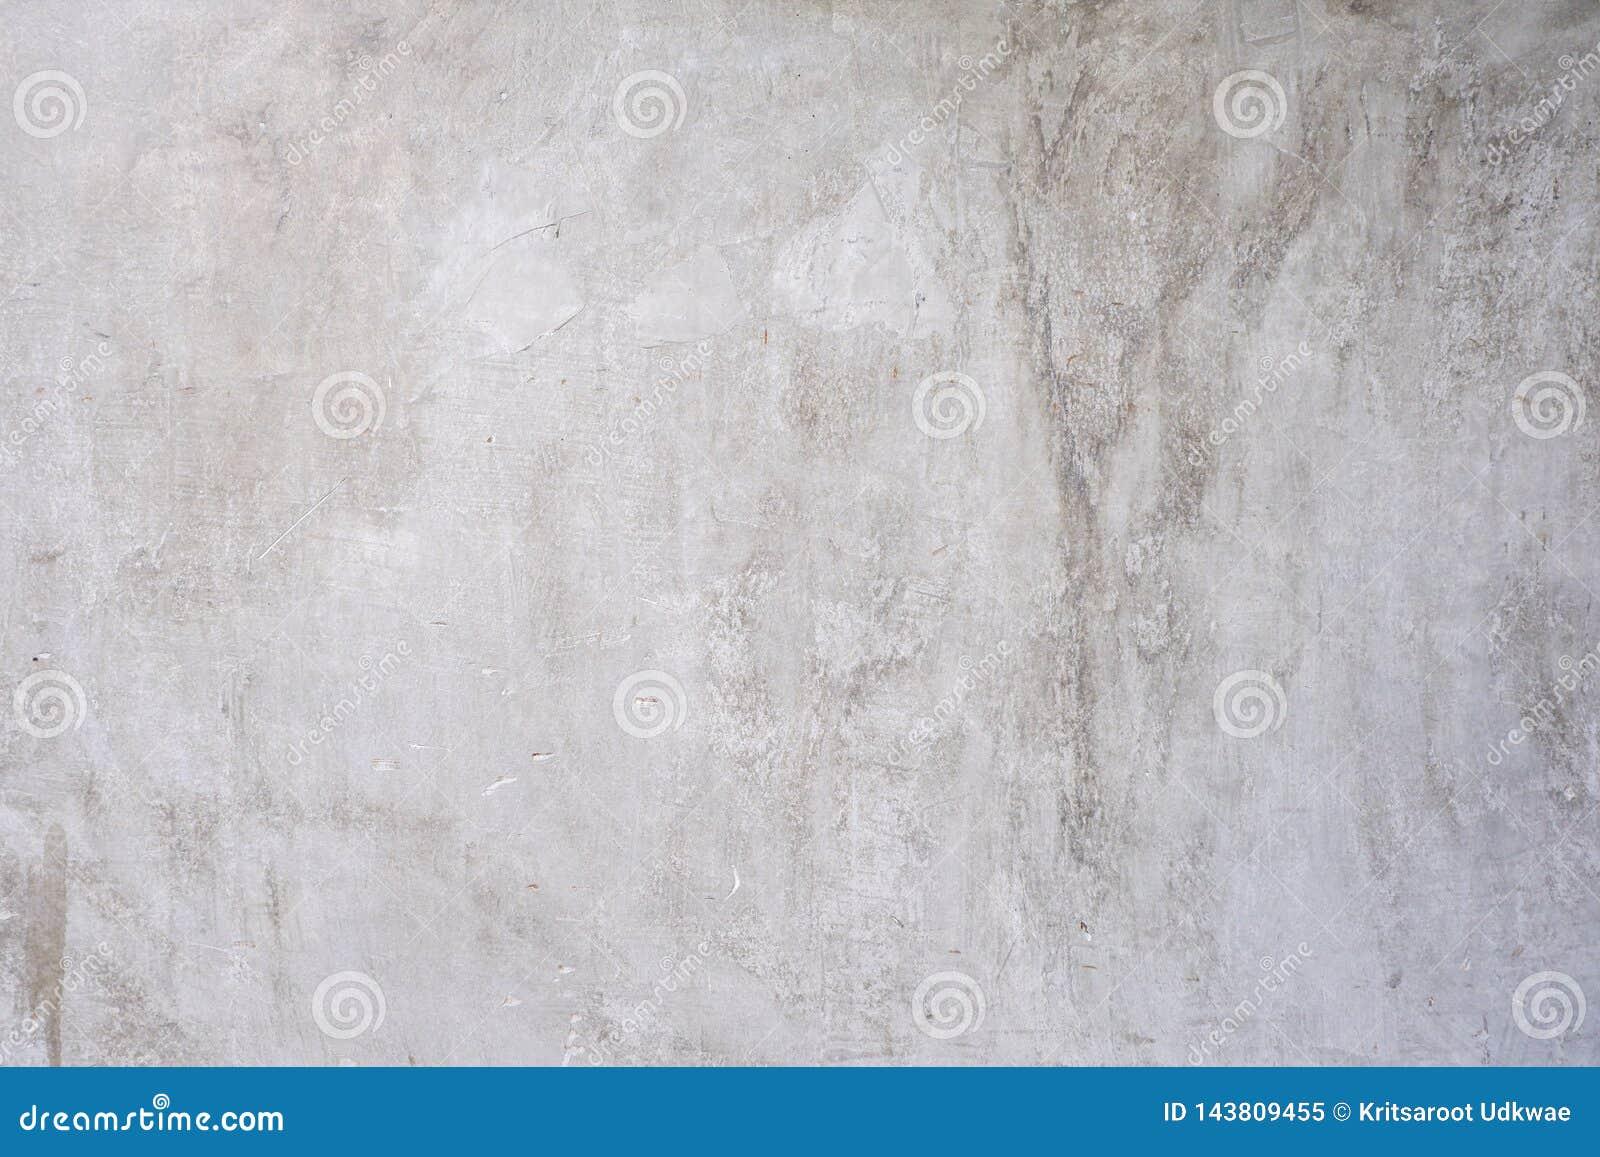 Stary i brudny cement ściany tekstury tło